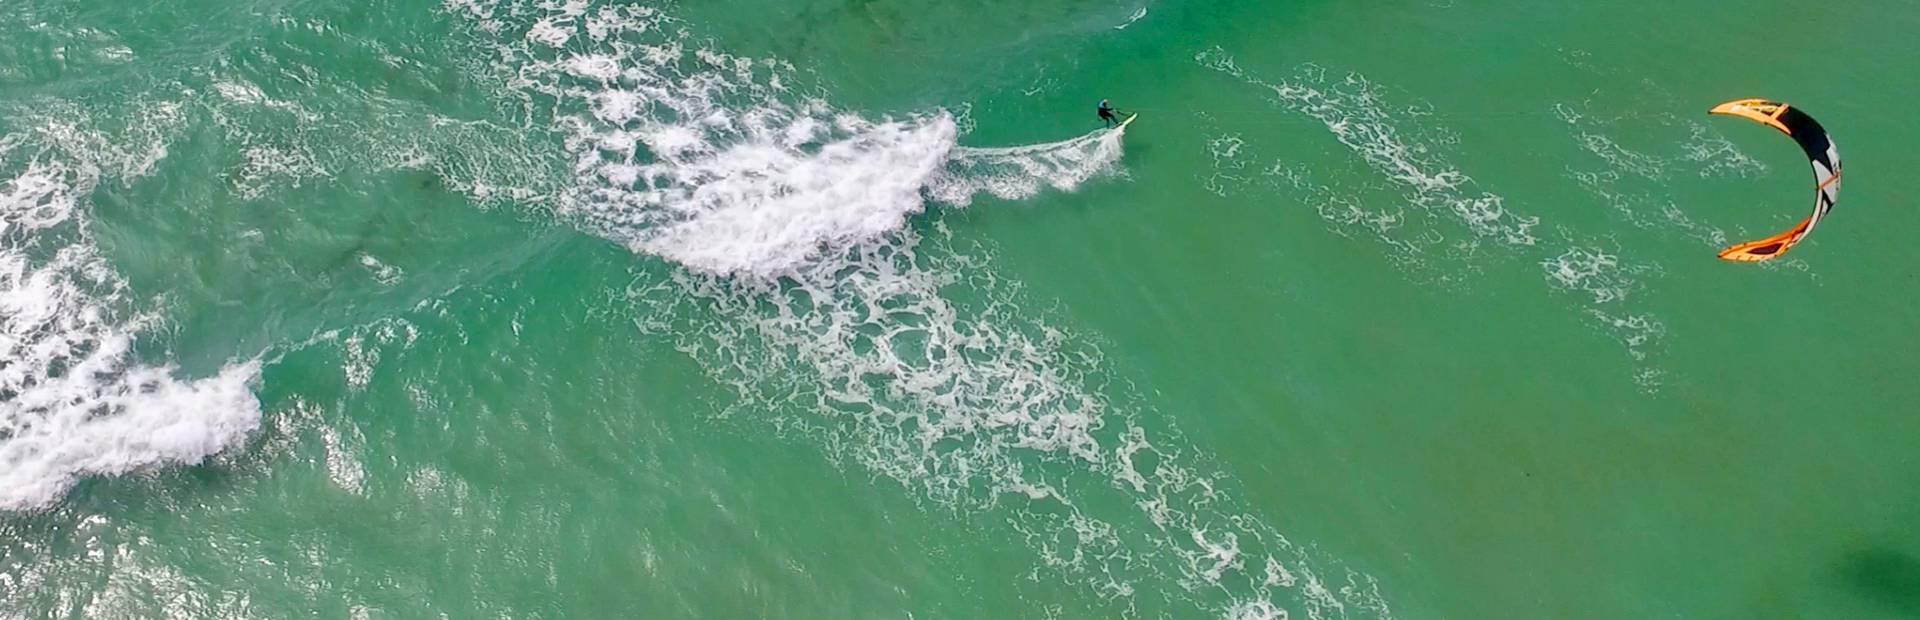 Windsurfen in der Bucht von Audierne - Pays Bigouden -® Air Pixel Concept